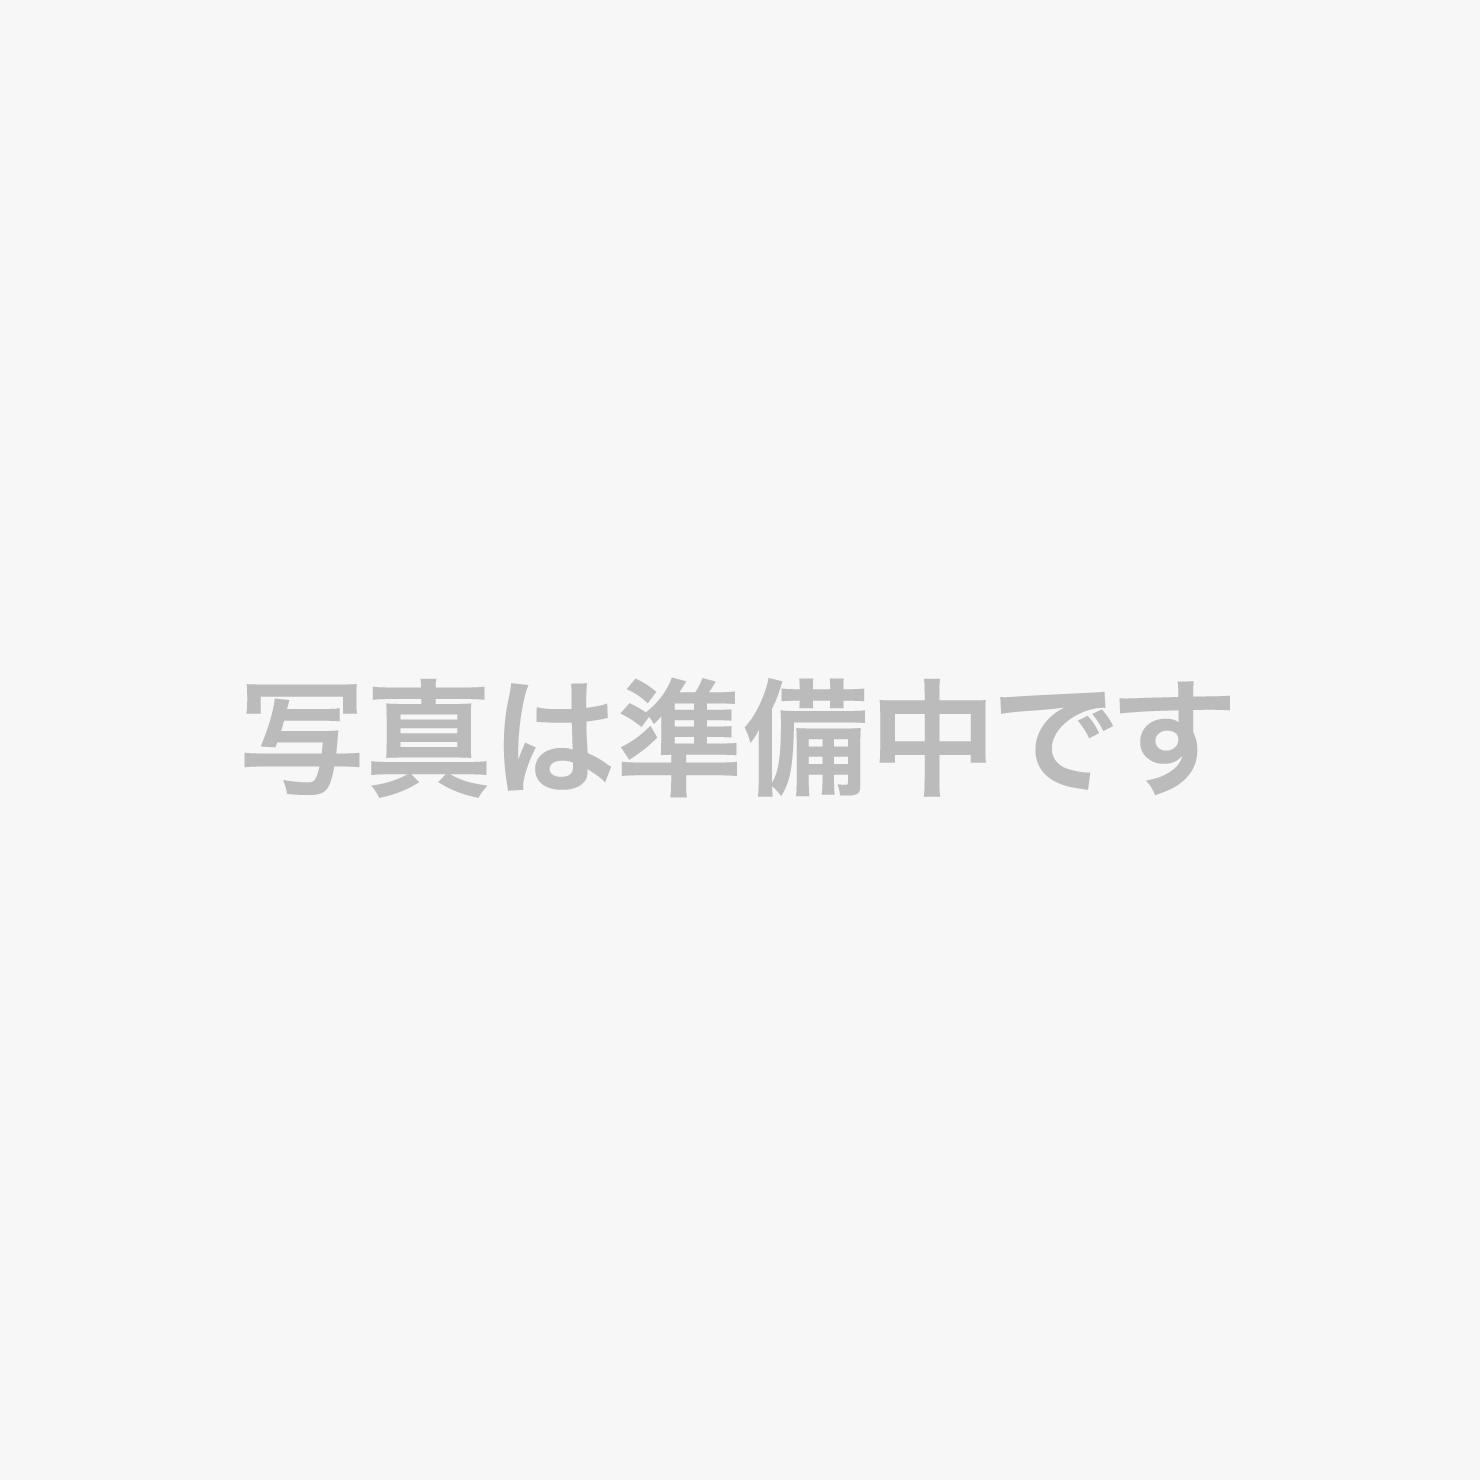 アパルームシアター ※御一泊1000円